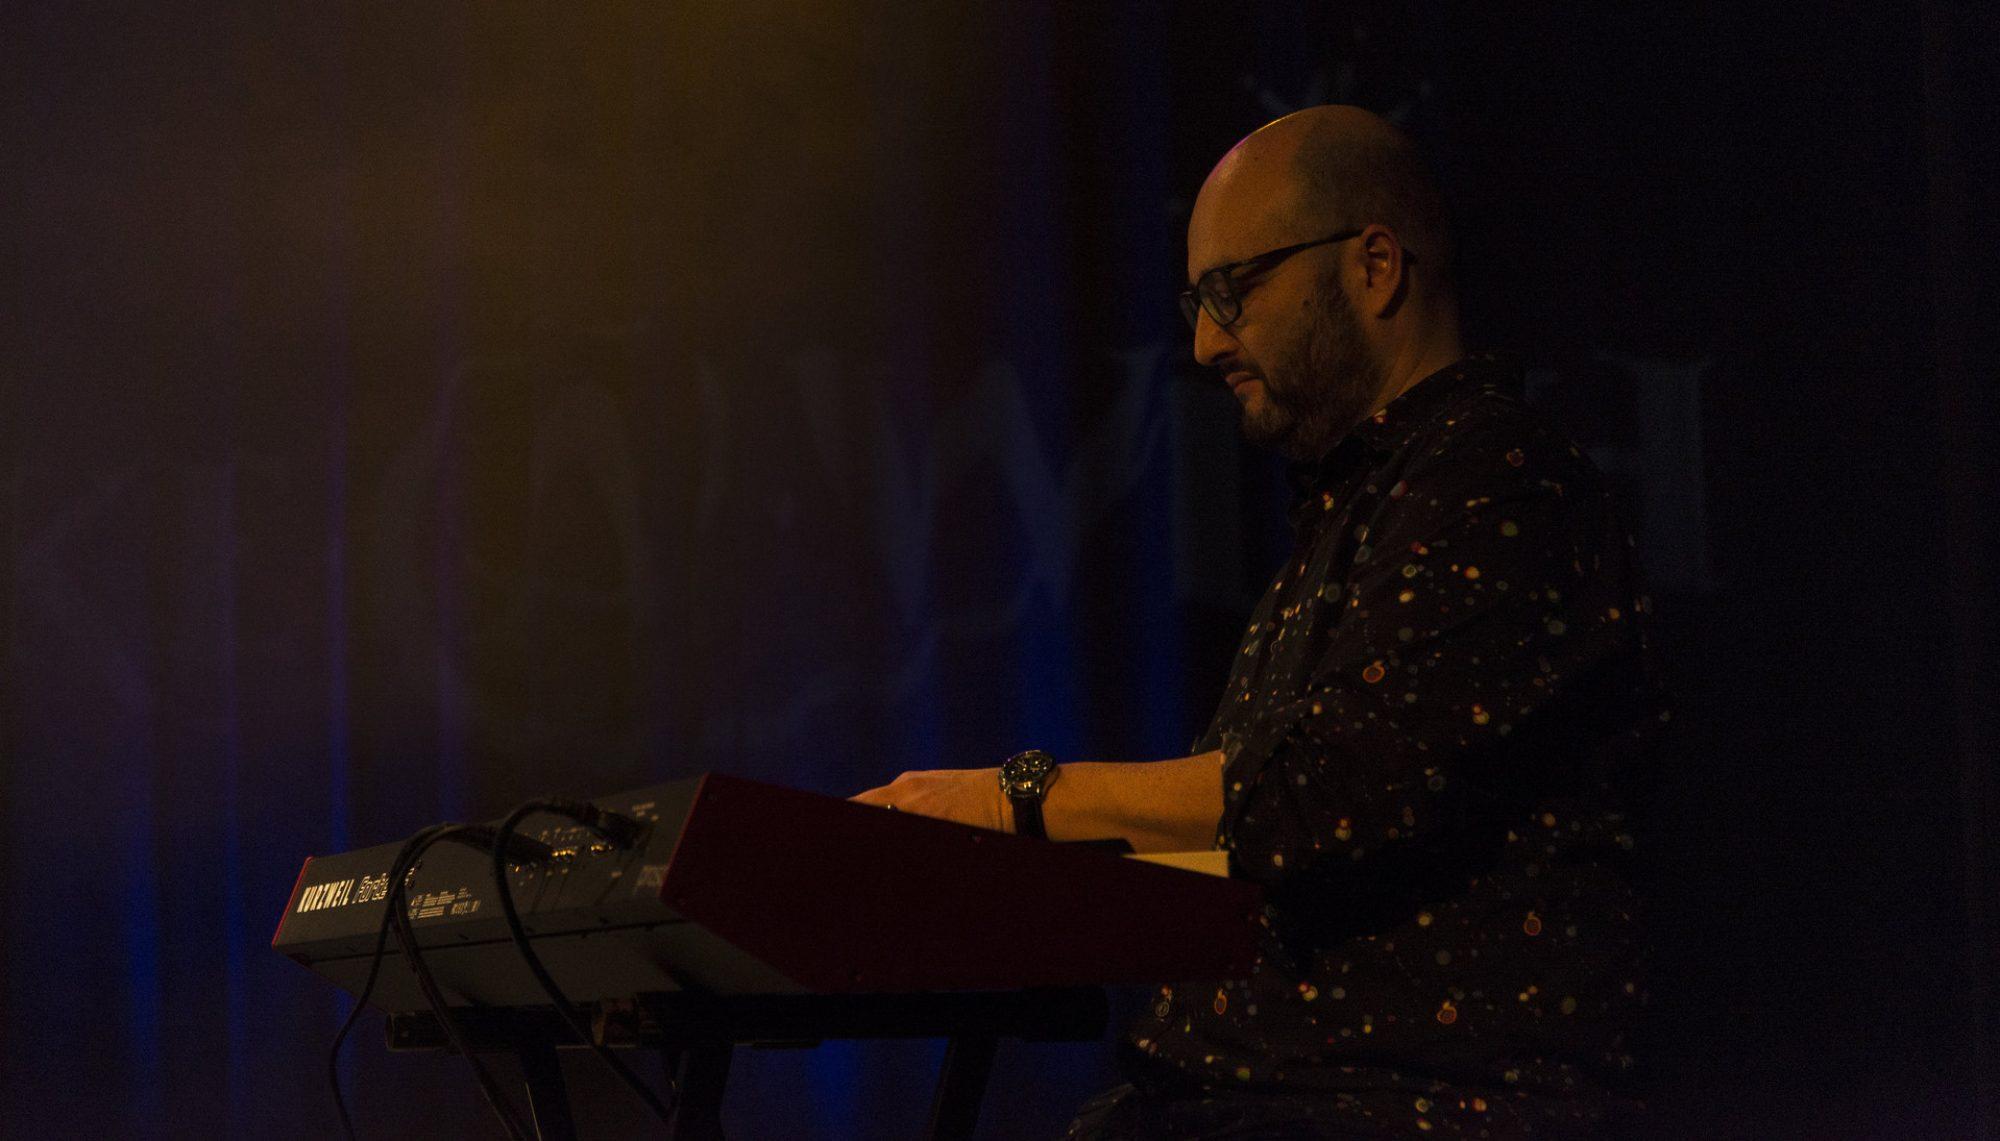 Eric van den Hoogenband